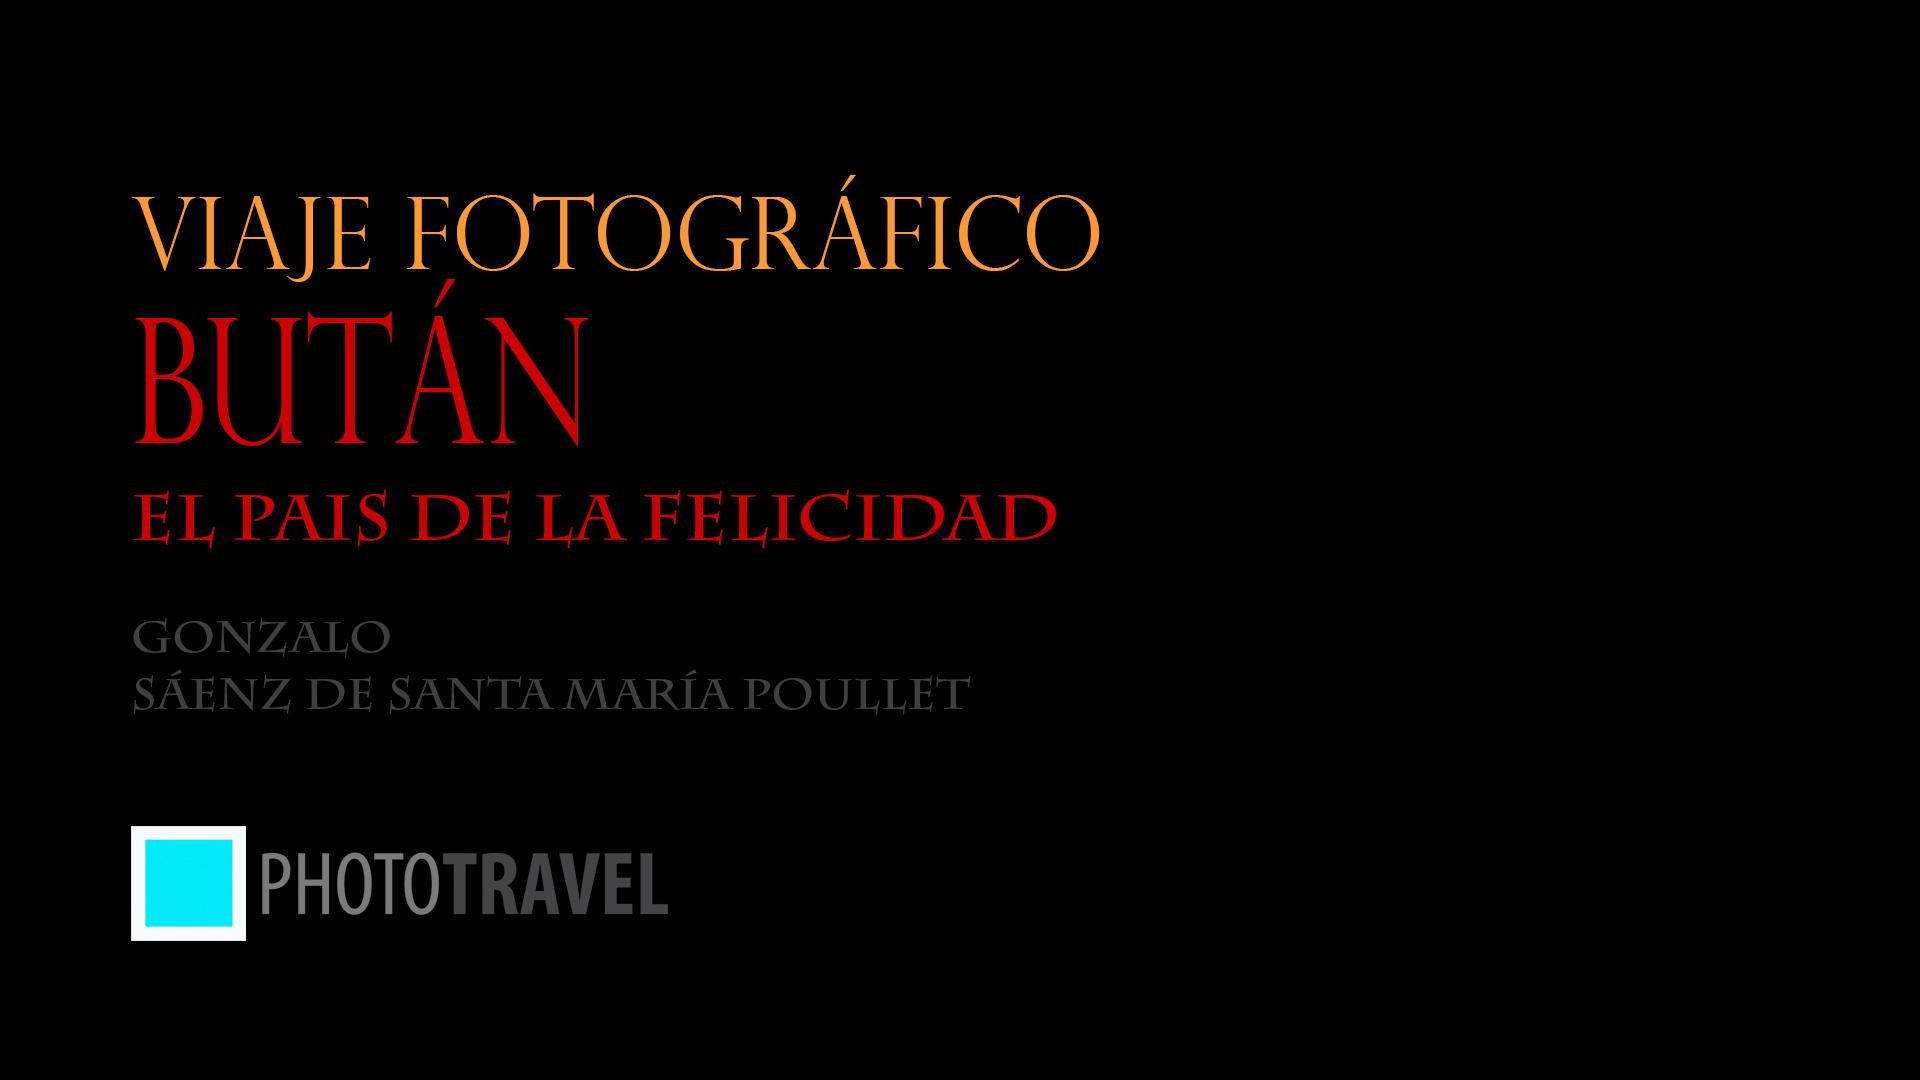 viaje-fotografico-butan